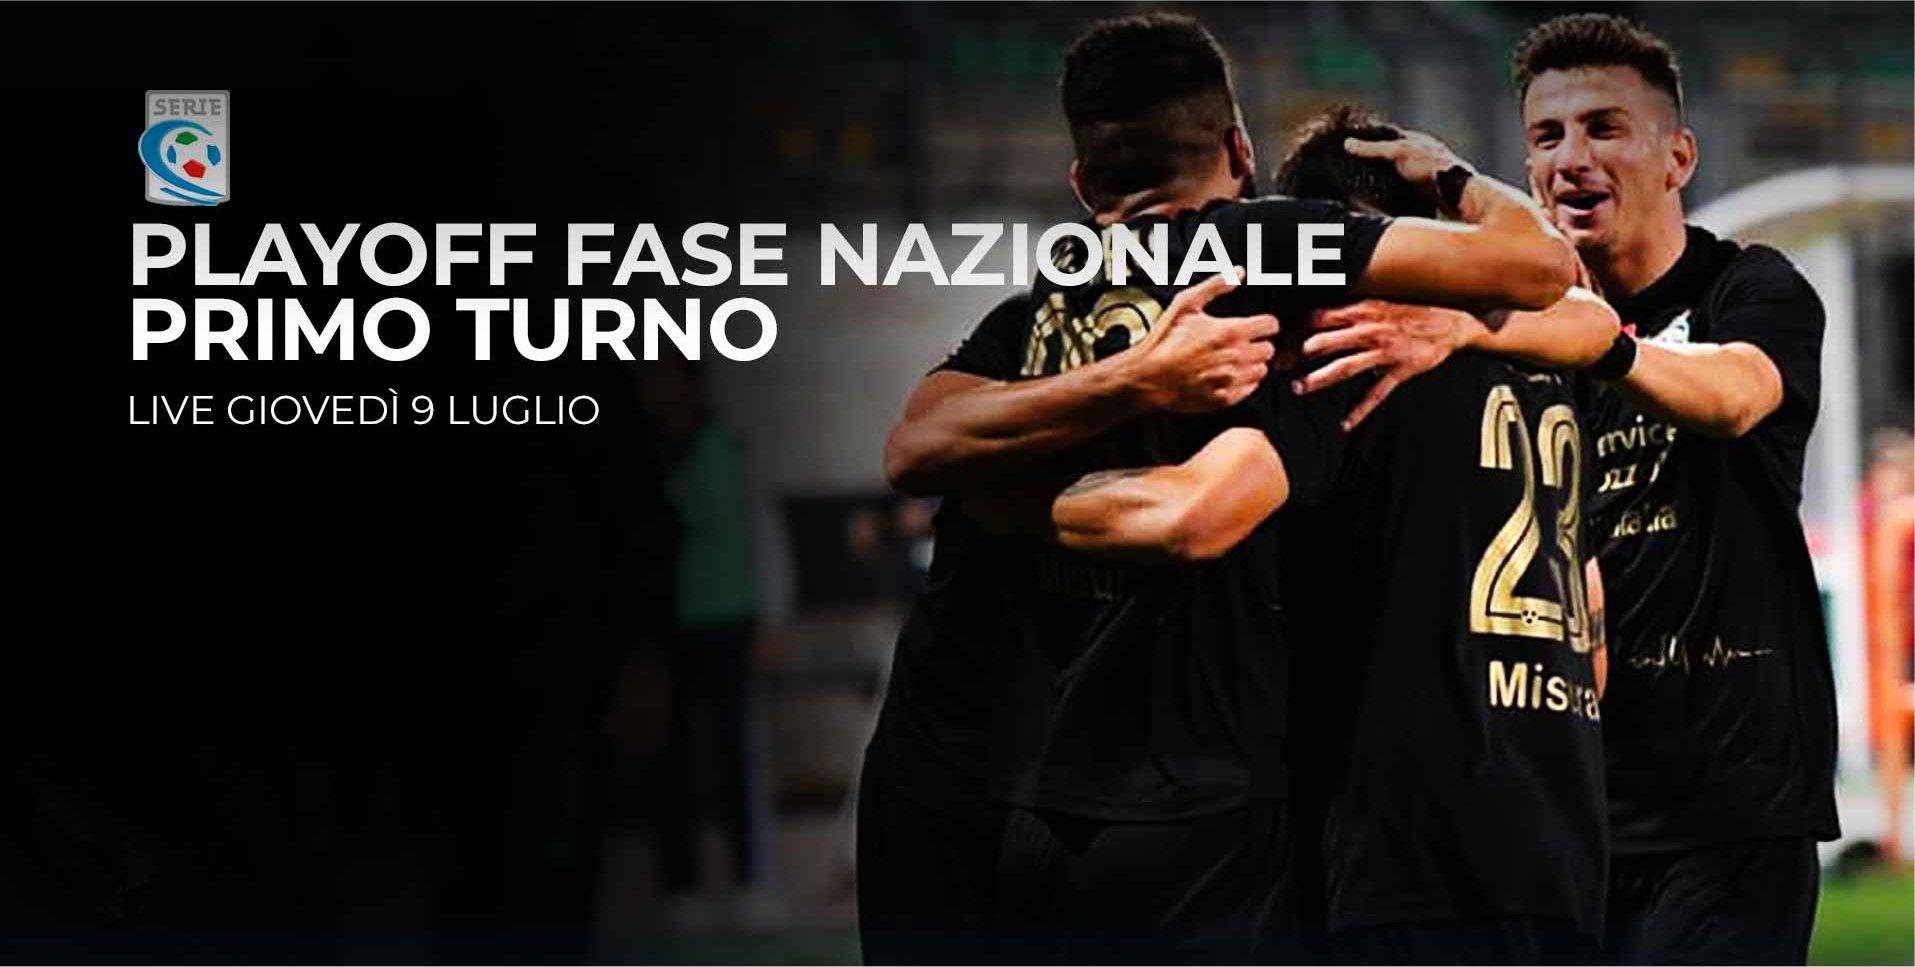 Serie C TV, Playoff Primo Turno Nazionale - Programma e Telecronisti Eleven Sports